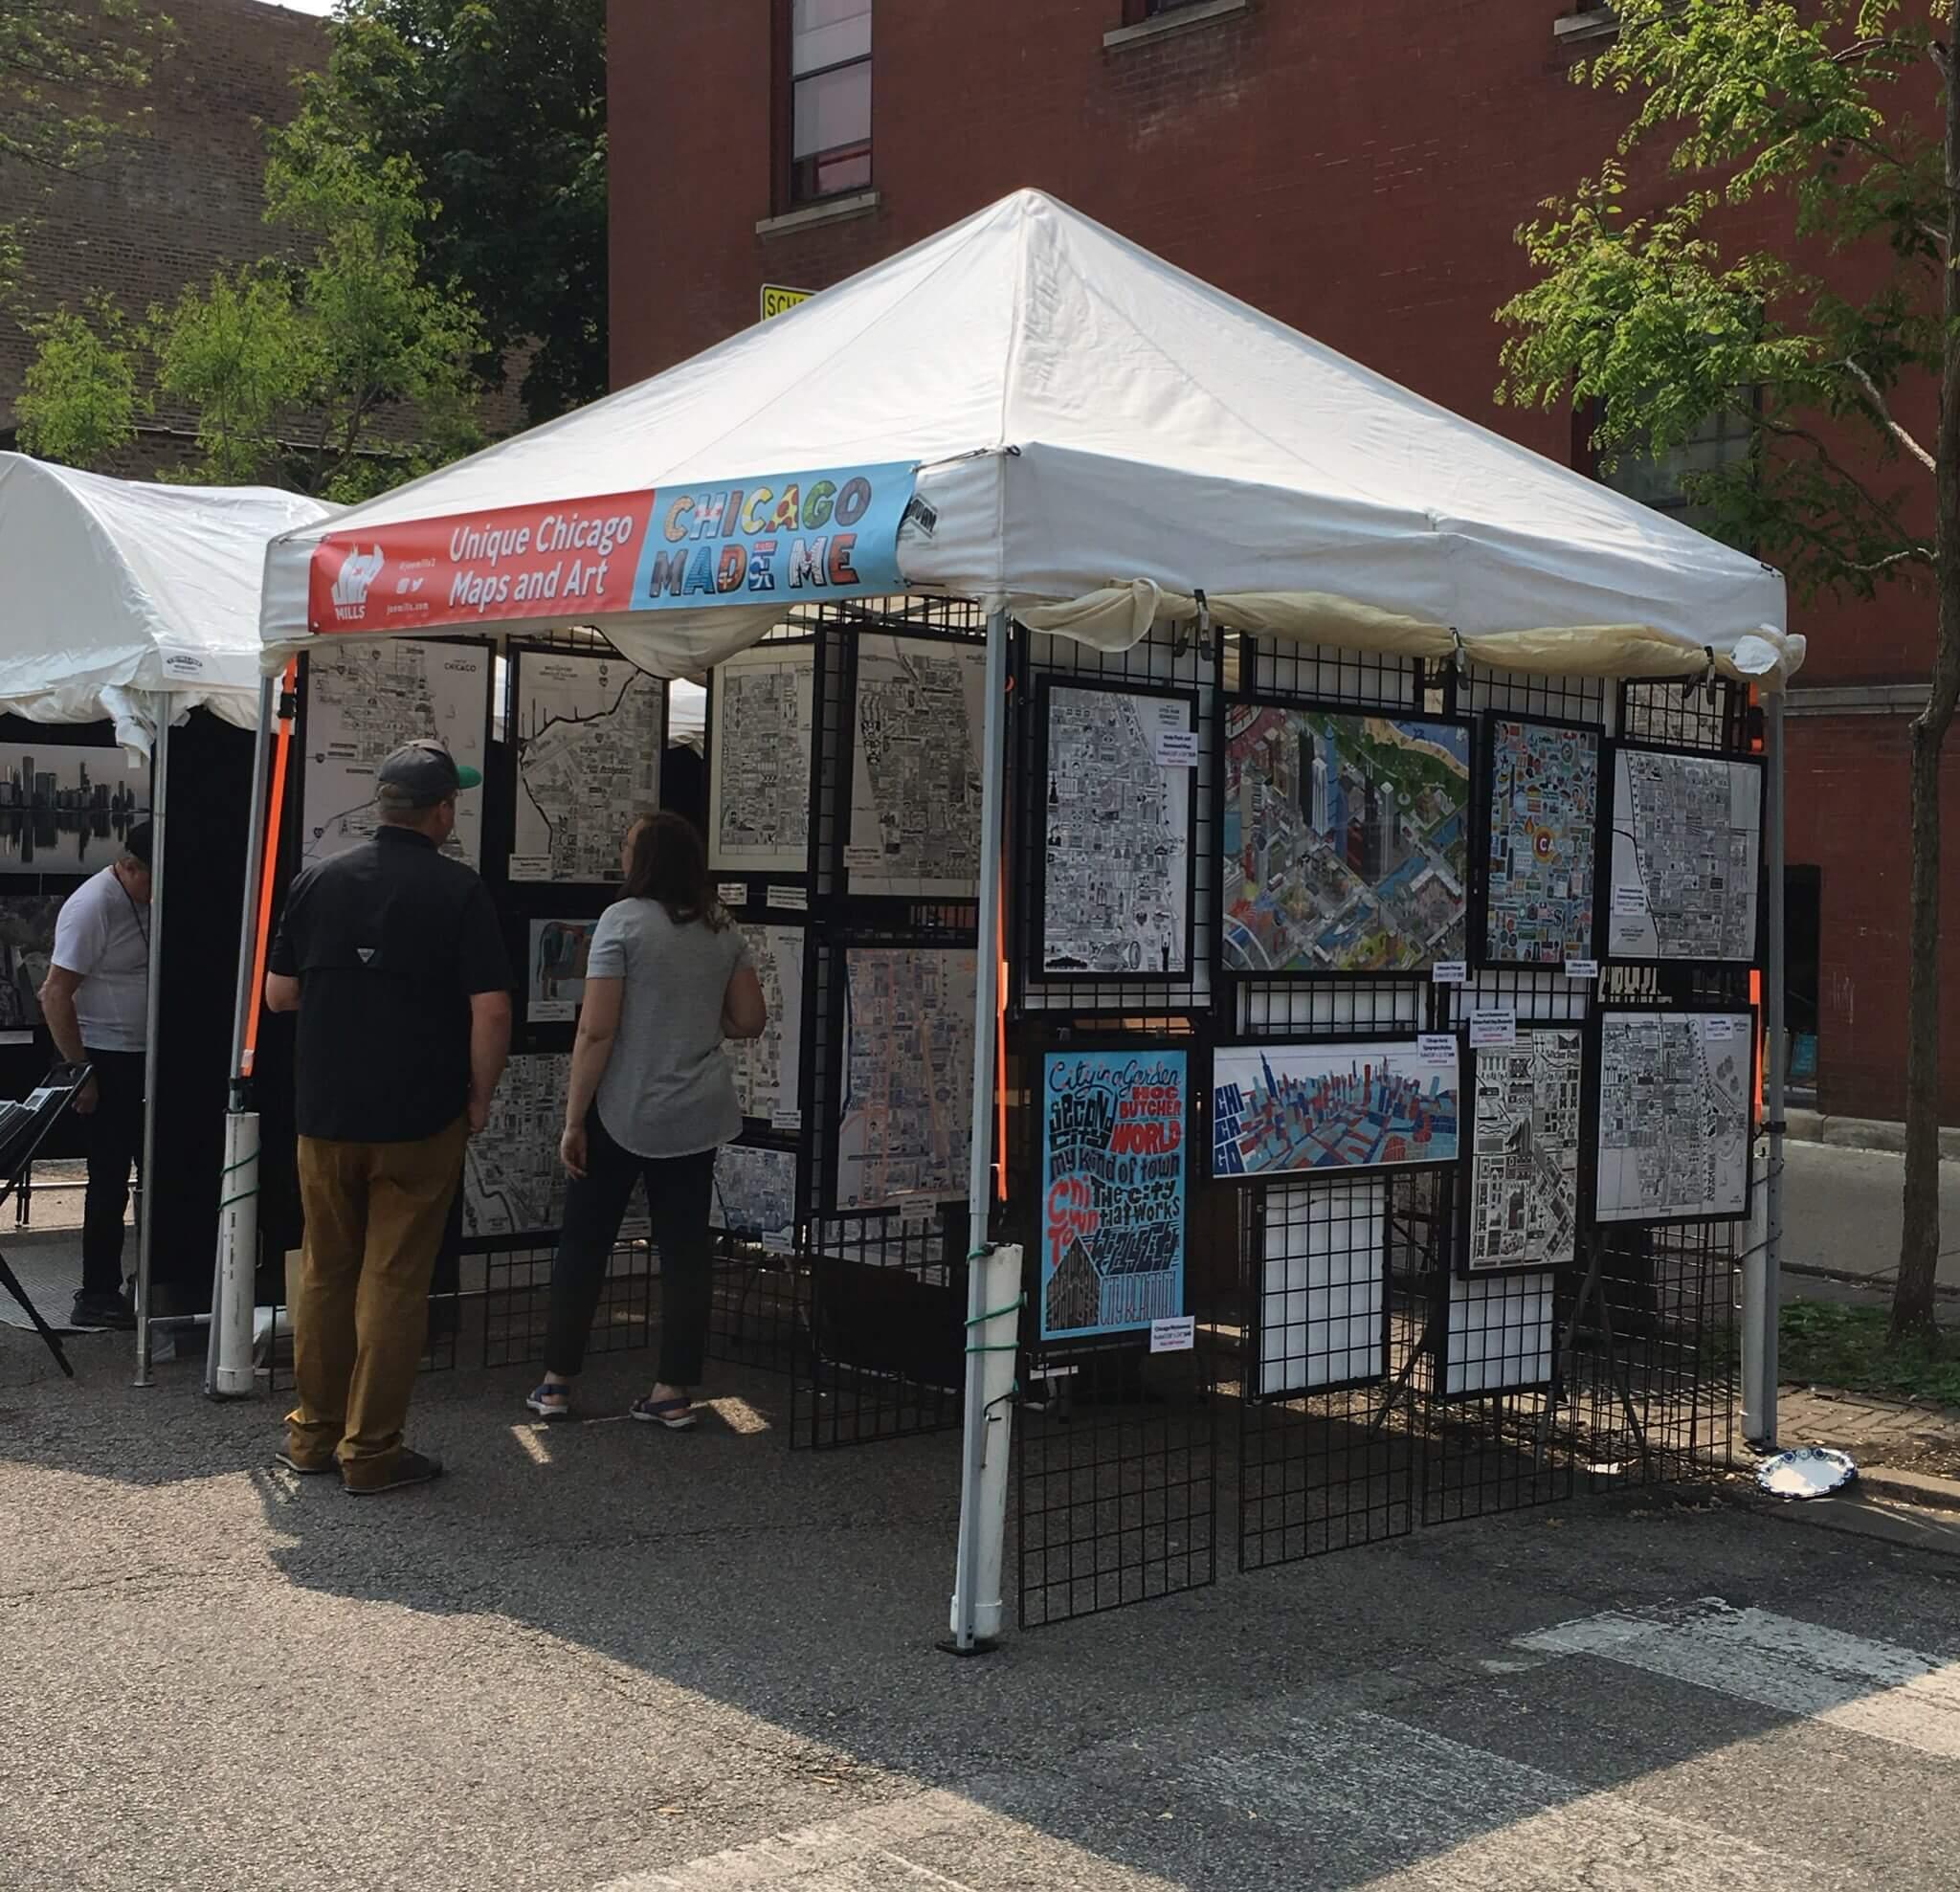 Joe's booth at a Chicago street fair